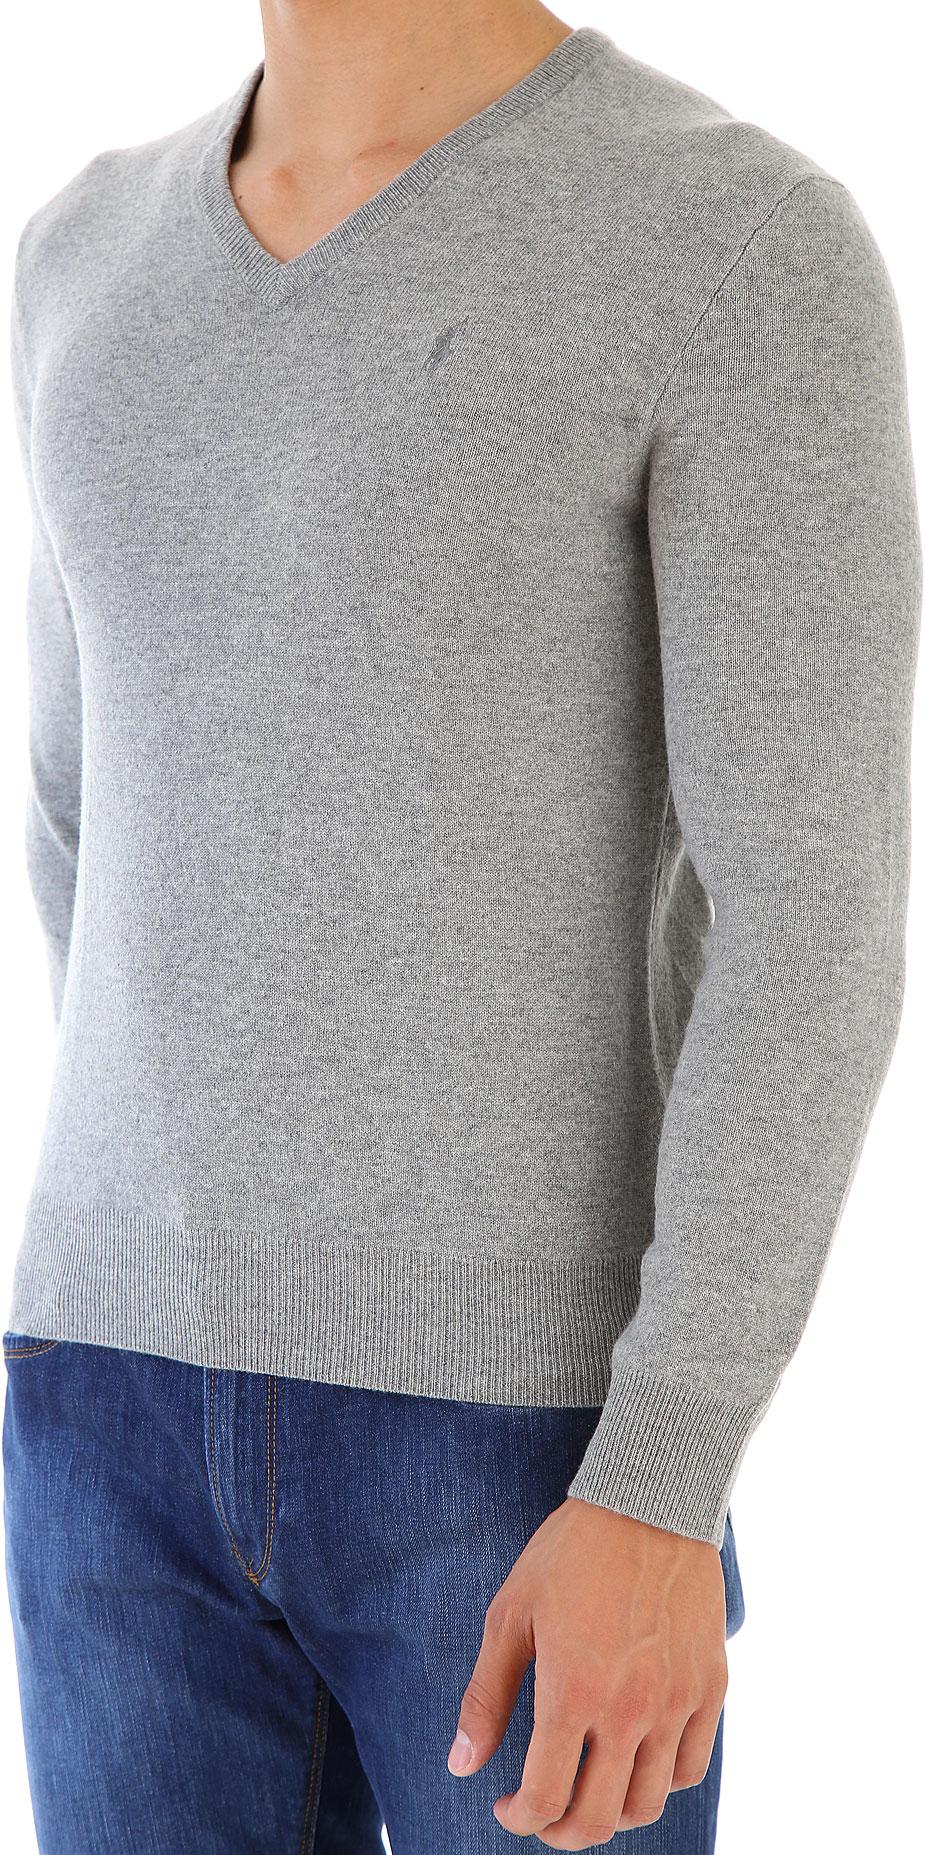 Ralph Hommes 710667377001 Vêtements De L'article Code Lauren R7dxnxTa